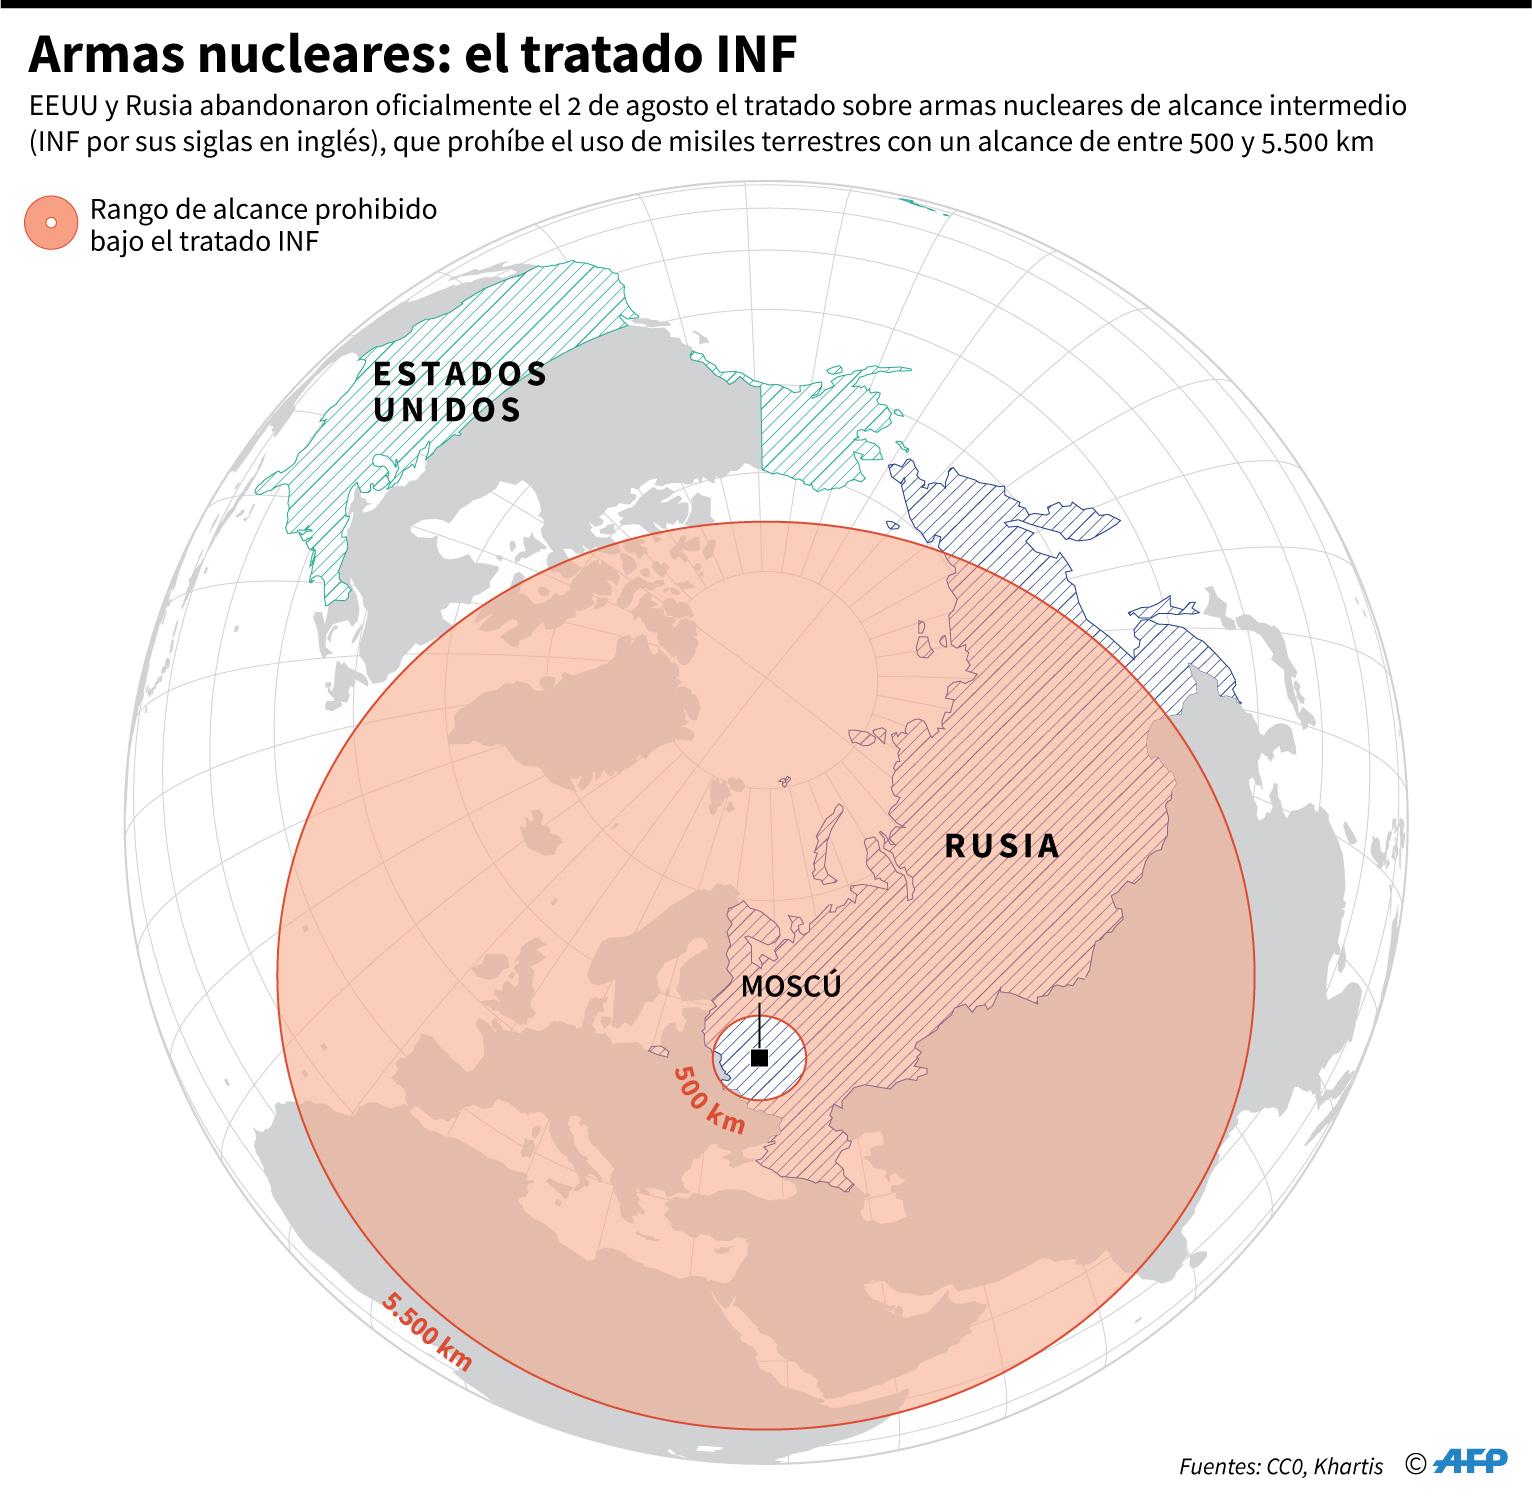 Mapa mostrando el rango de alcance de armas nucleares prohibido por el tratado INF. (AFP)